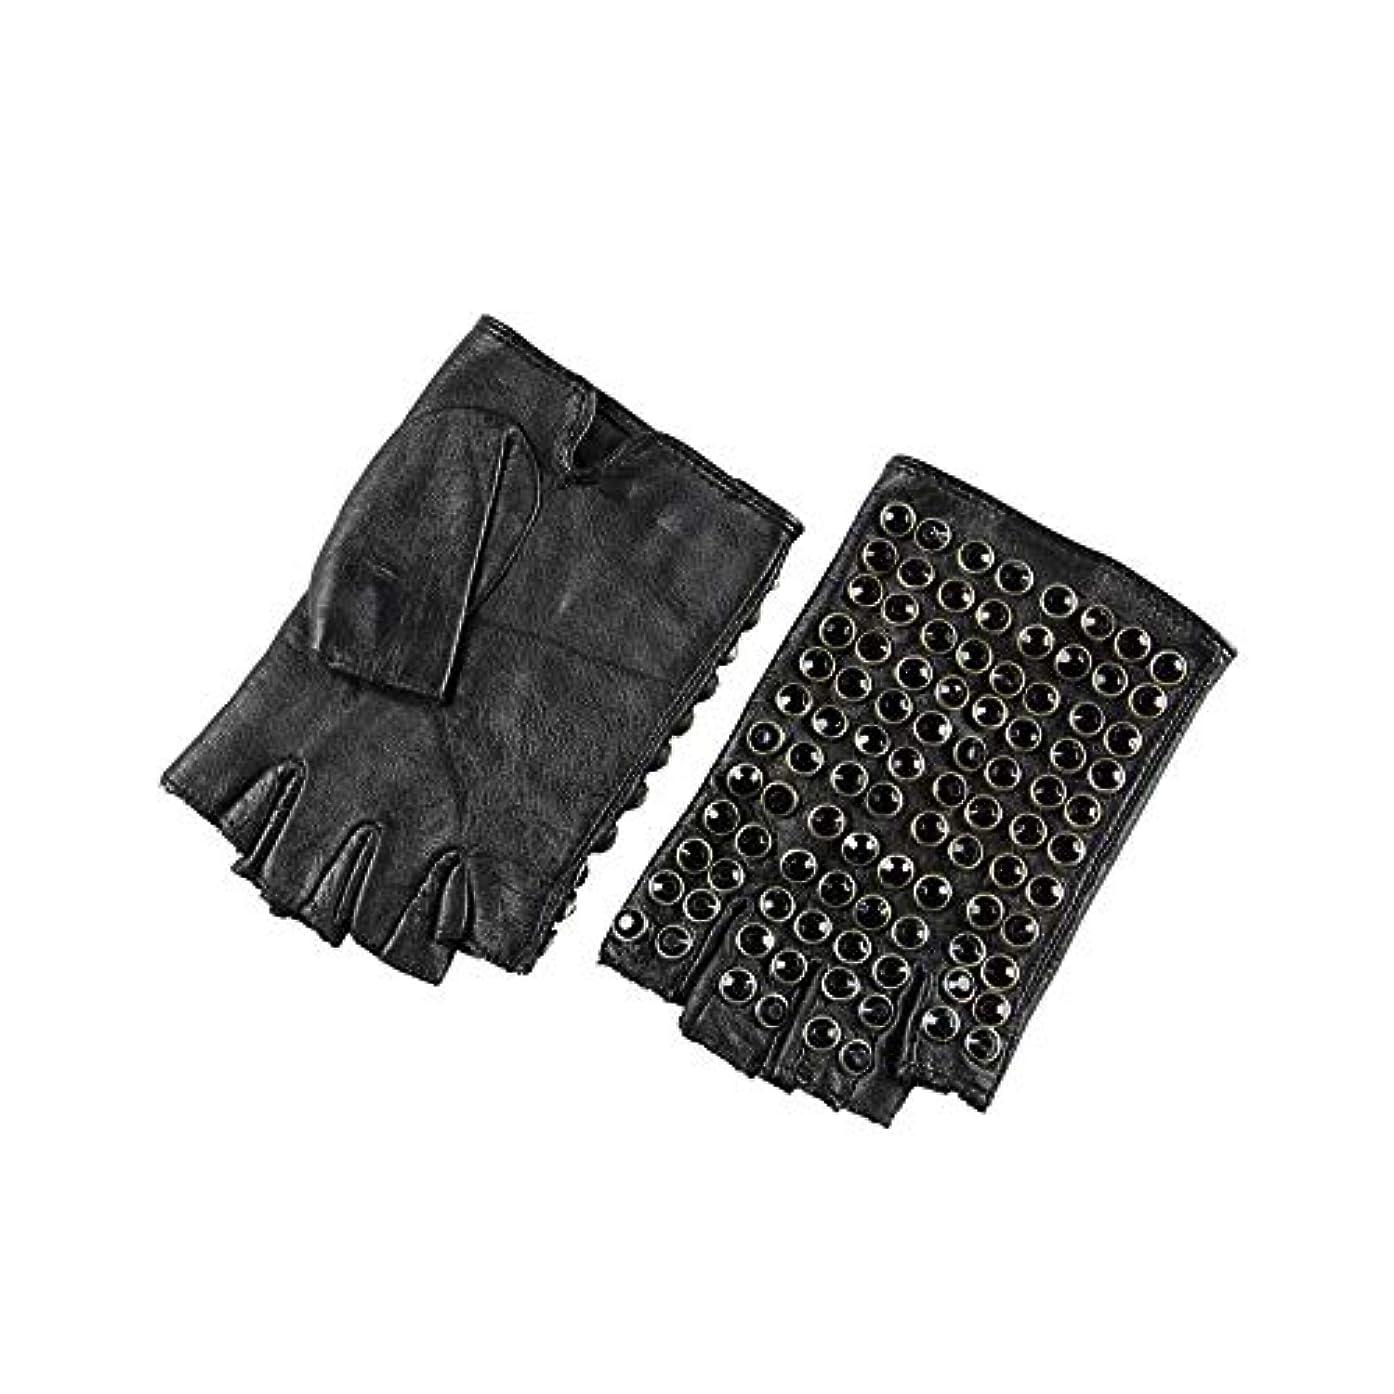 そう描写導出BAJIMI 手袋 グローブ レディース/メンズ ハンド ケア ファッション女性の革の手袋ハーフフィンガーパンクドライビンググローブ 裏起毛 おしゃれ 手触りが良い 運転 耐磨耗性 換気性